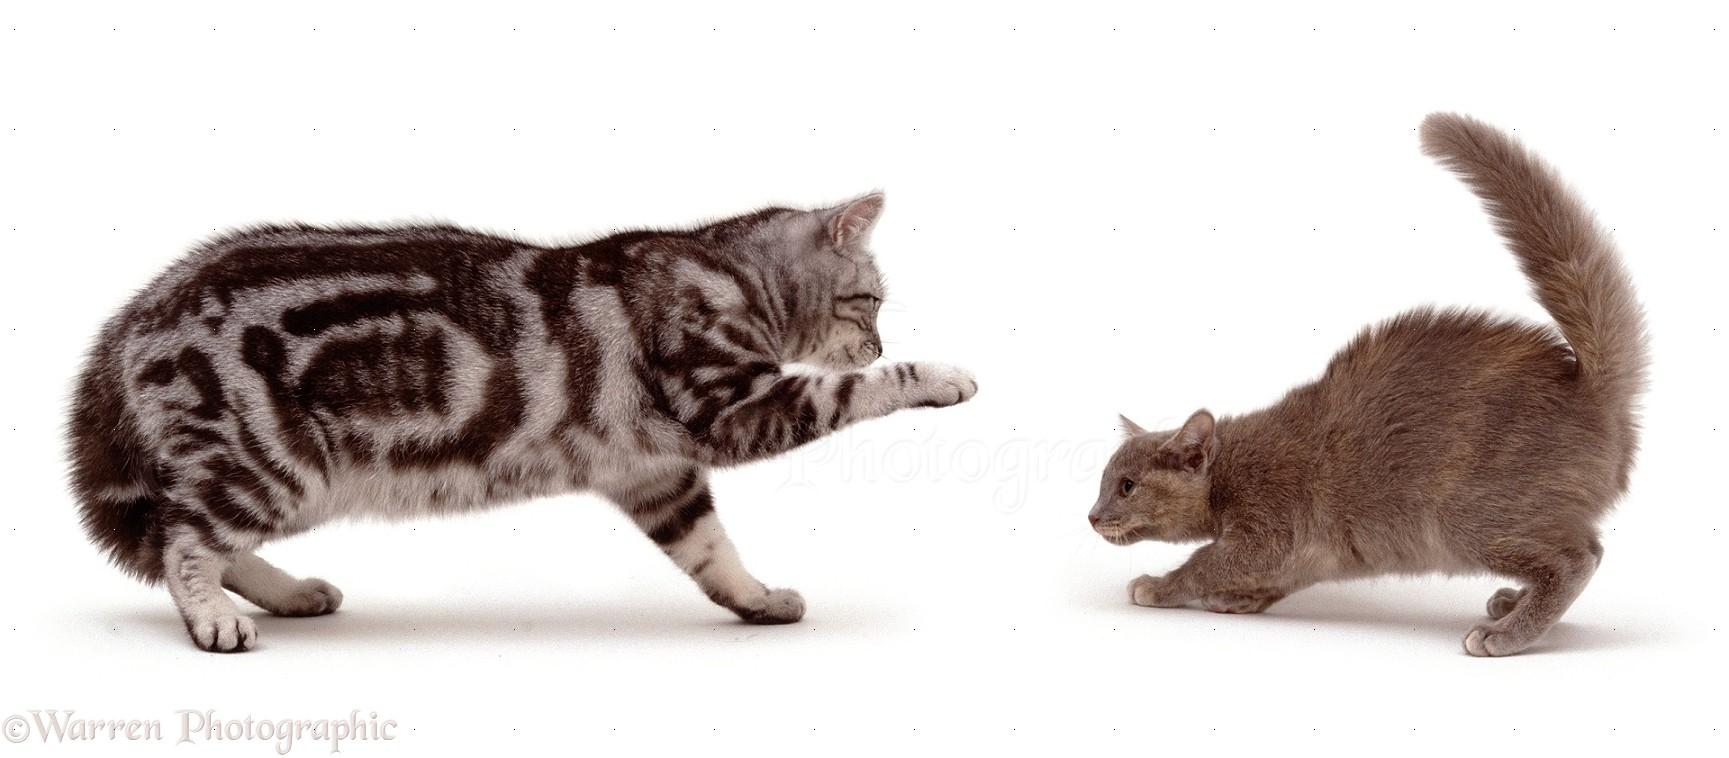 Silver tabby male cat swipes Tonkinese kitten